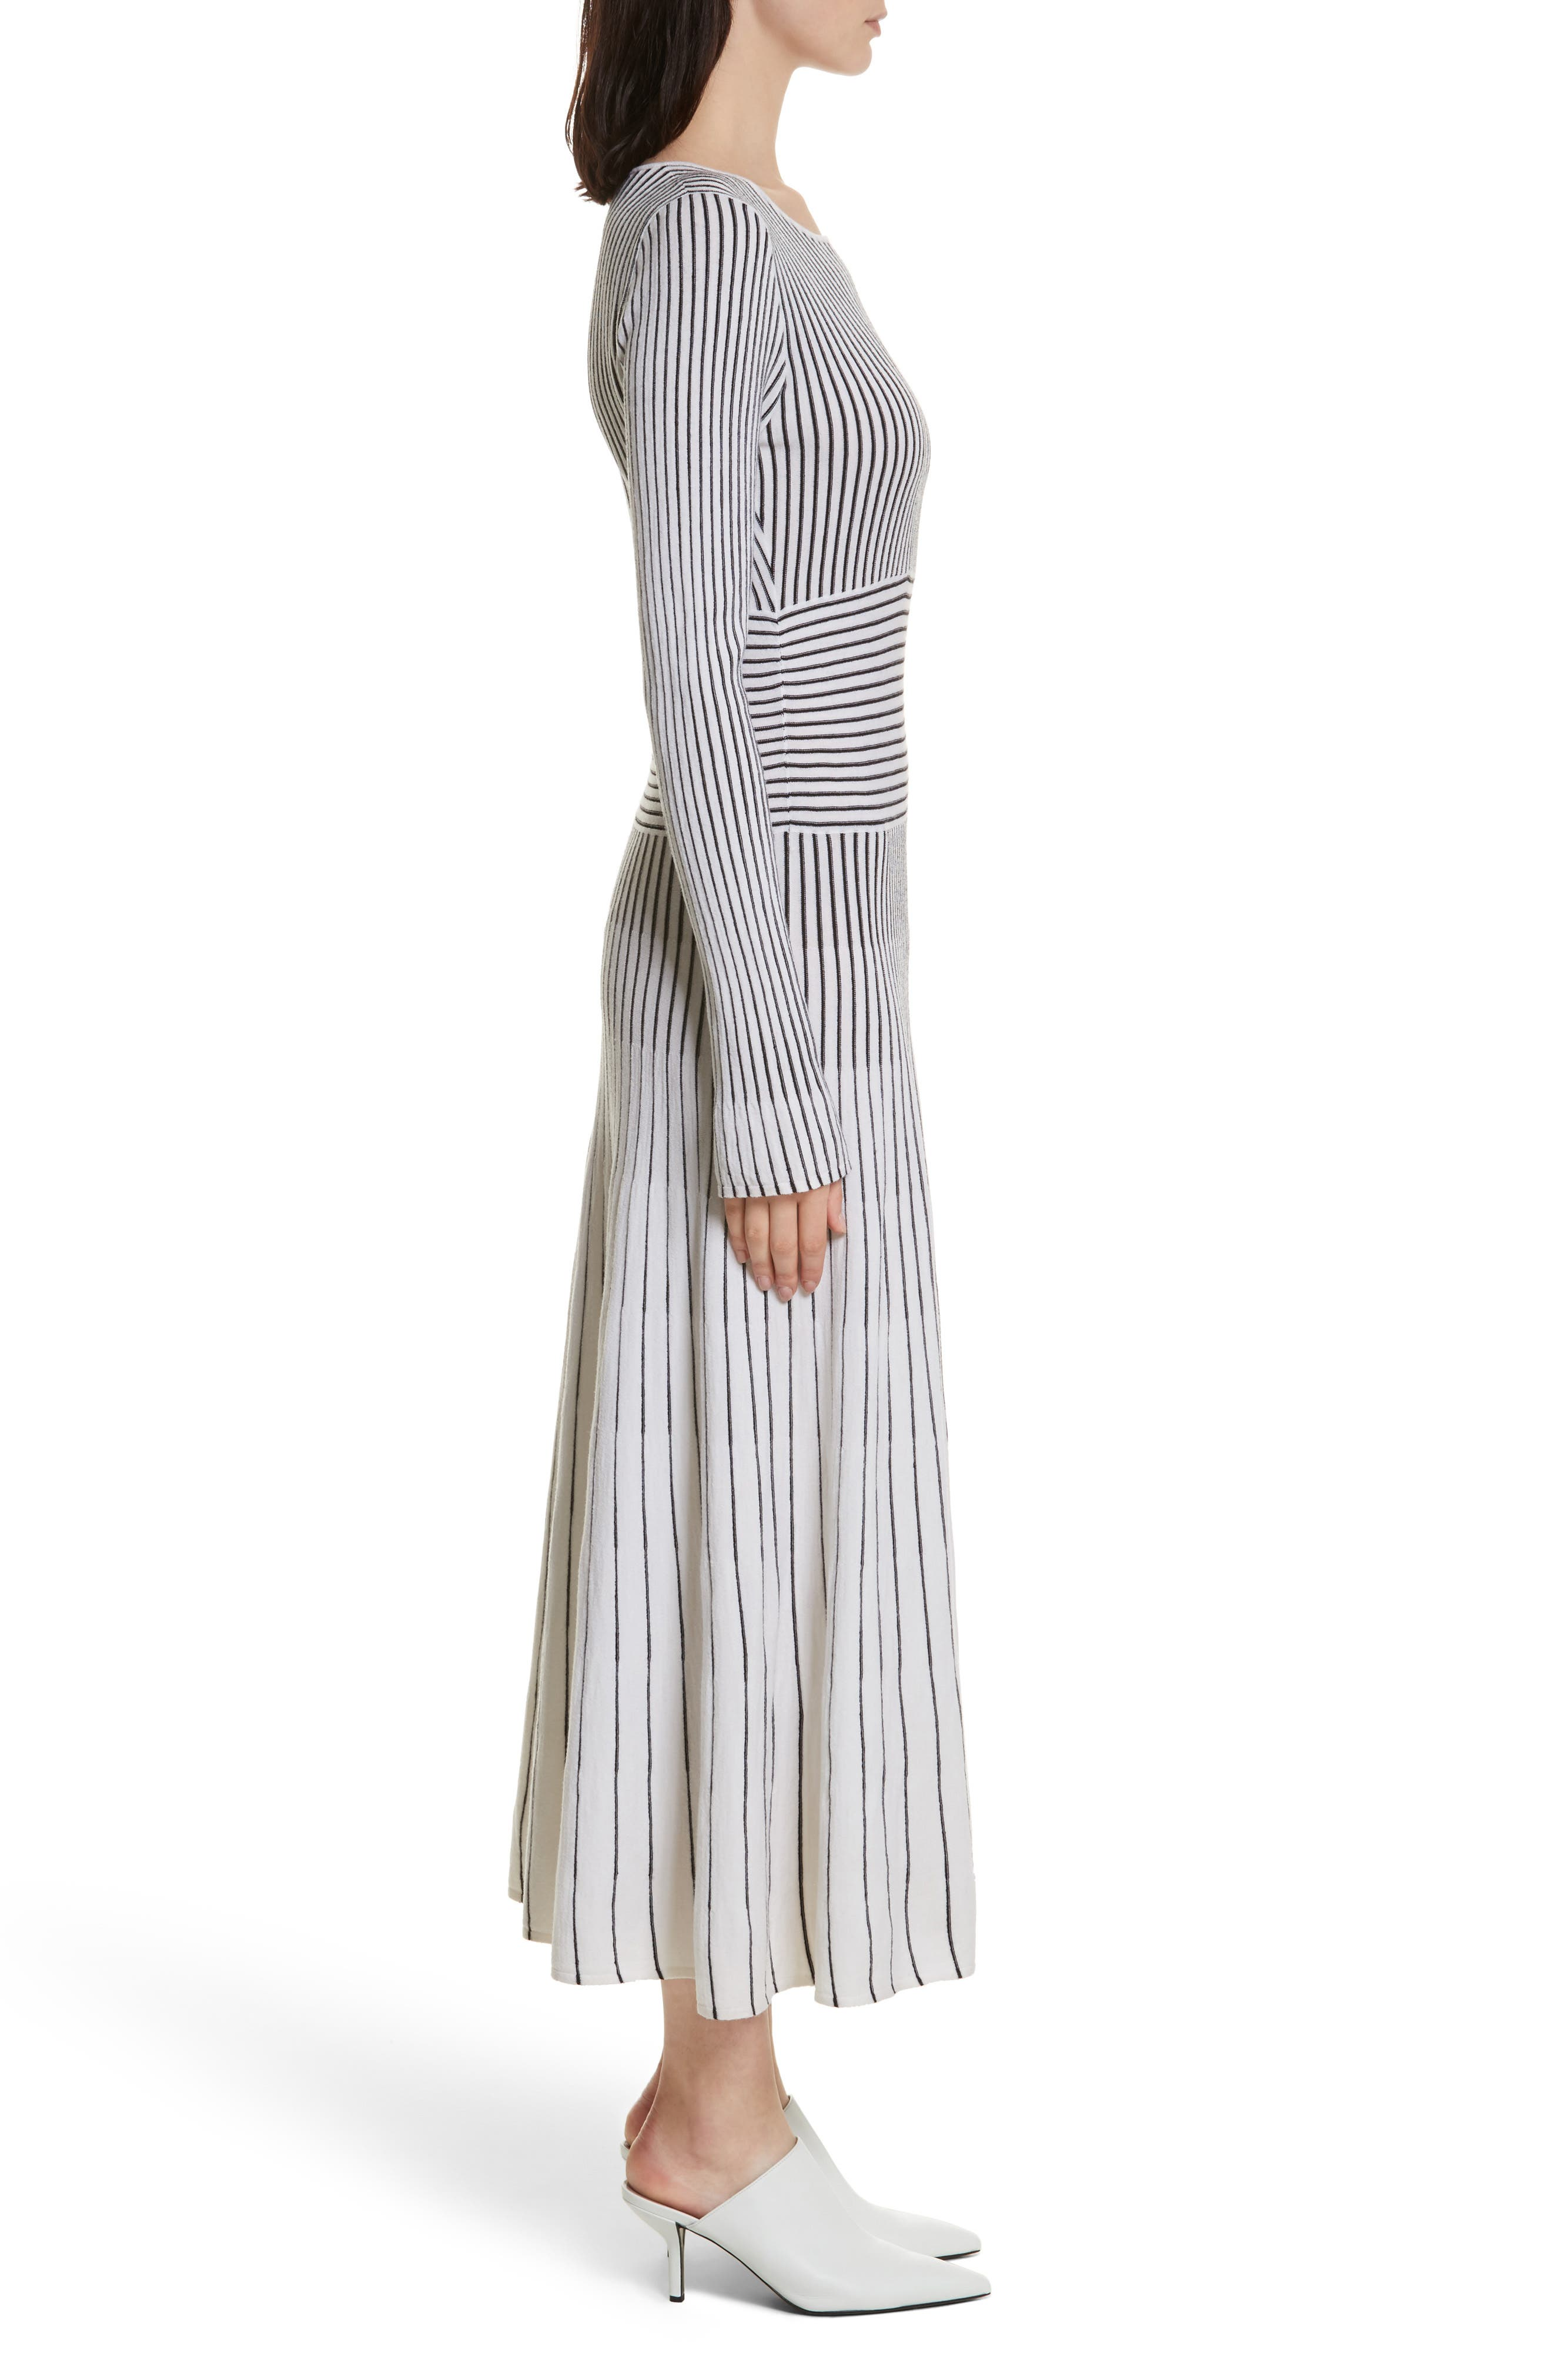 Sheridan Stripe Knit Midi Dress,                             Alternate thumbnail 3, color,                             Ivory/ Black